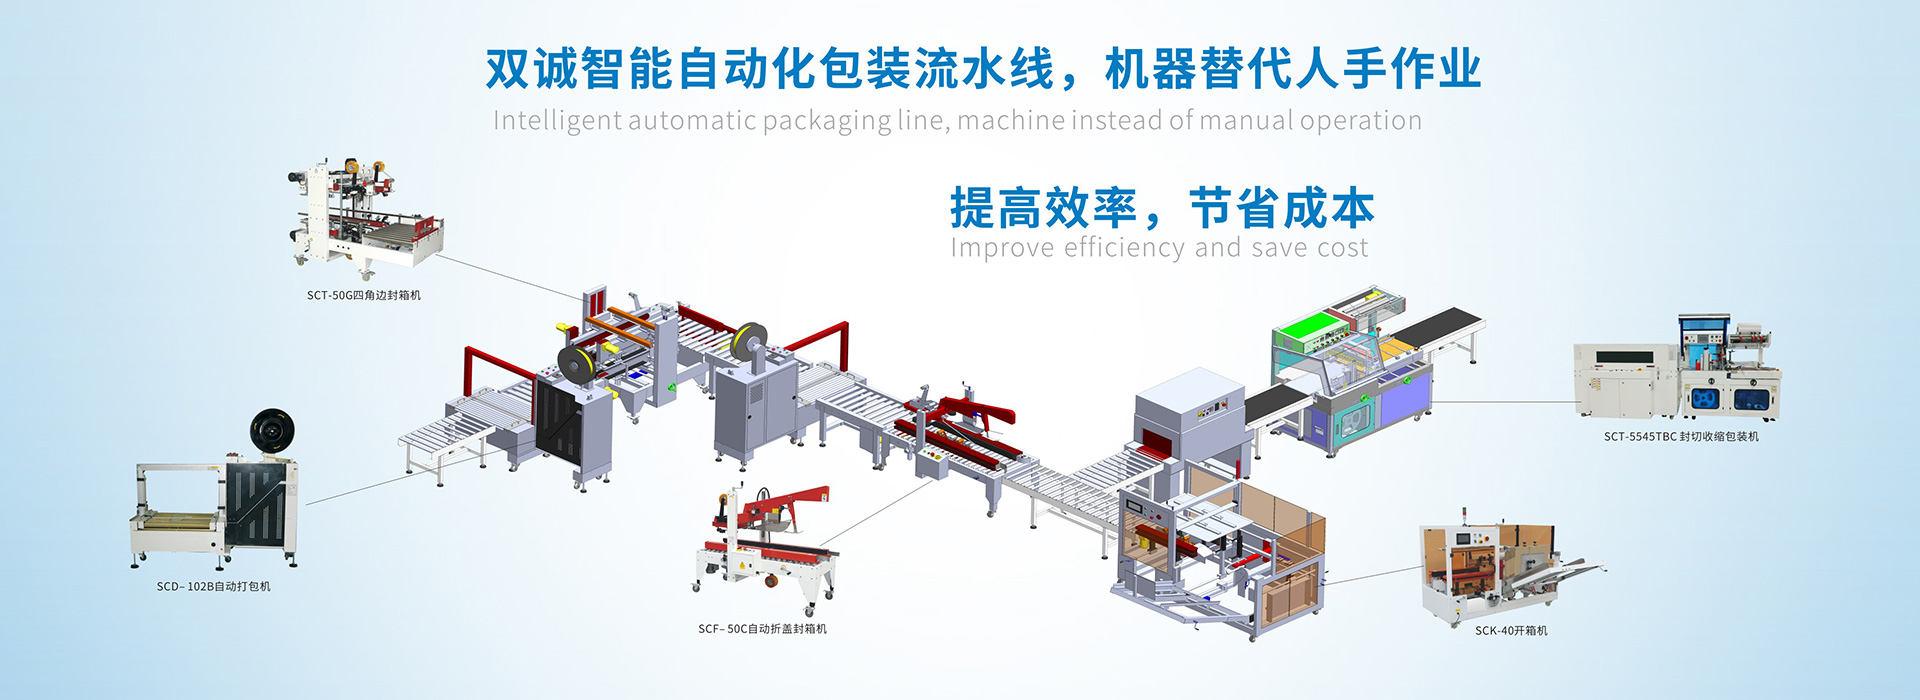 纸箱开箱机生产线